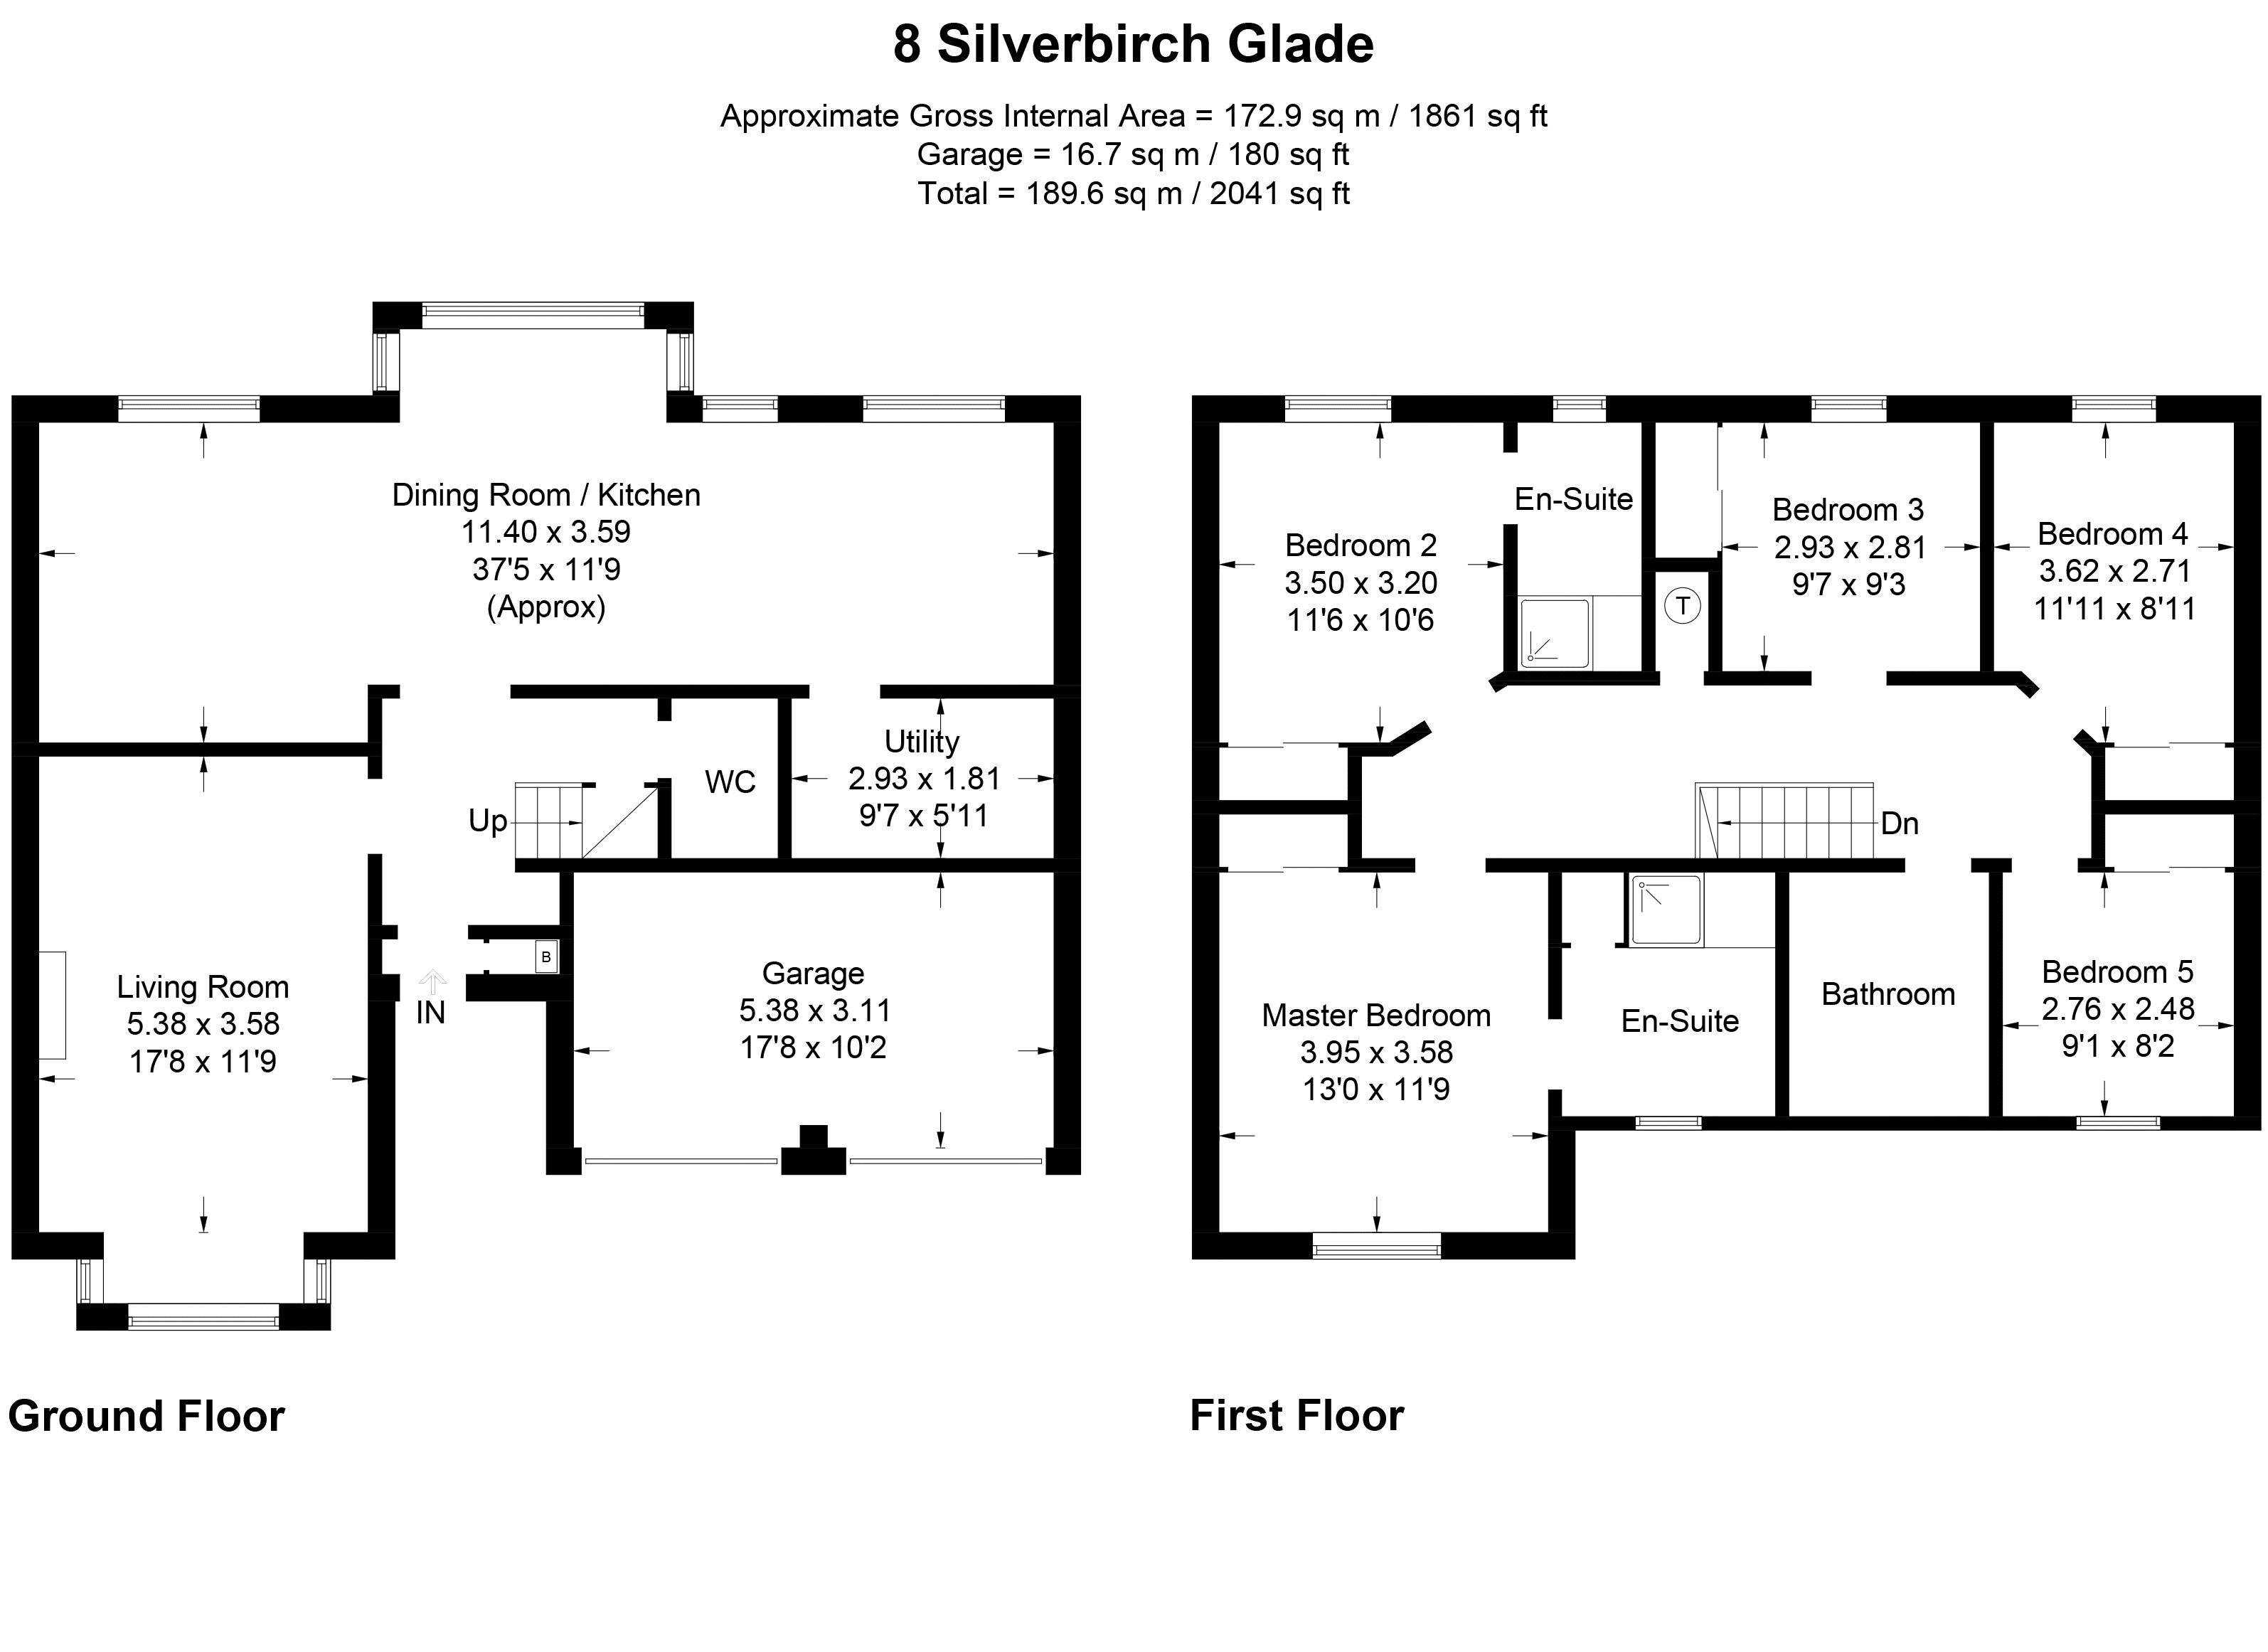 Silverbirch Glade